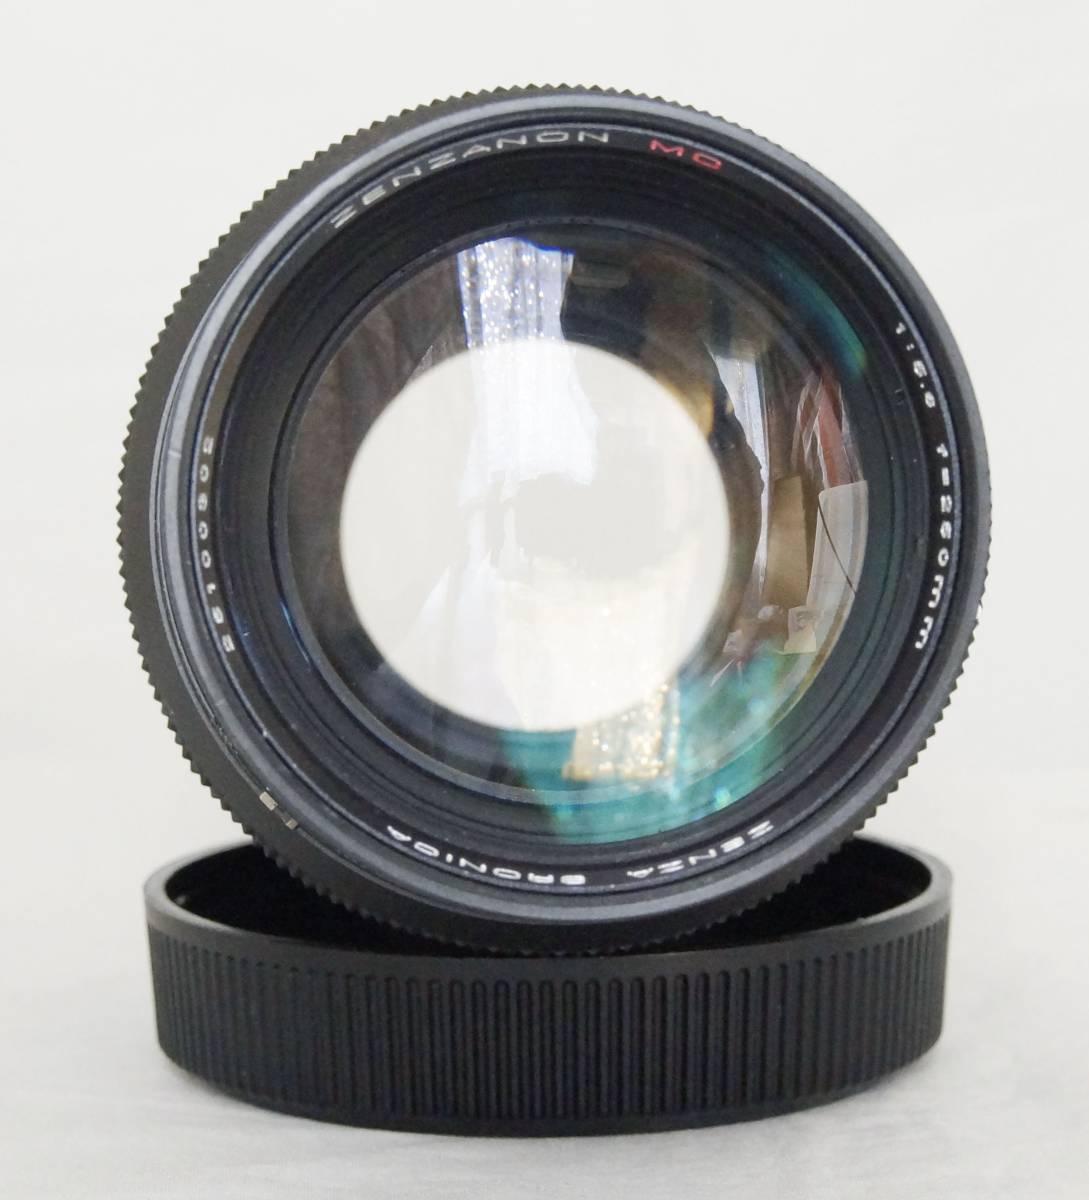 ★ブロニカBRONICA ETRS用 ZENZANON MC 250mm F5.6 フード付き_画像5